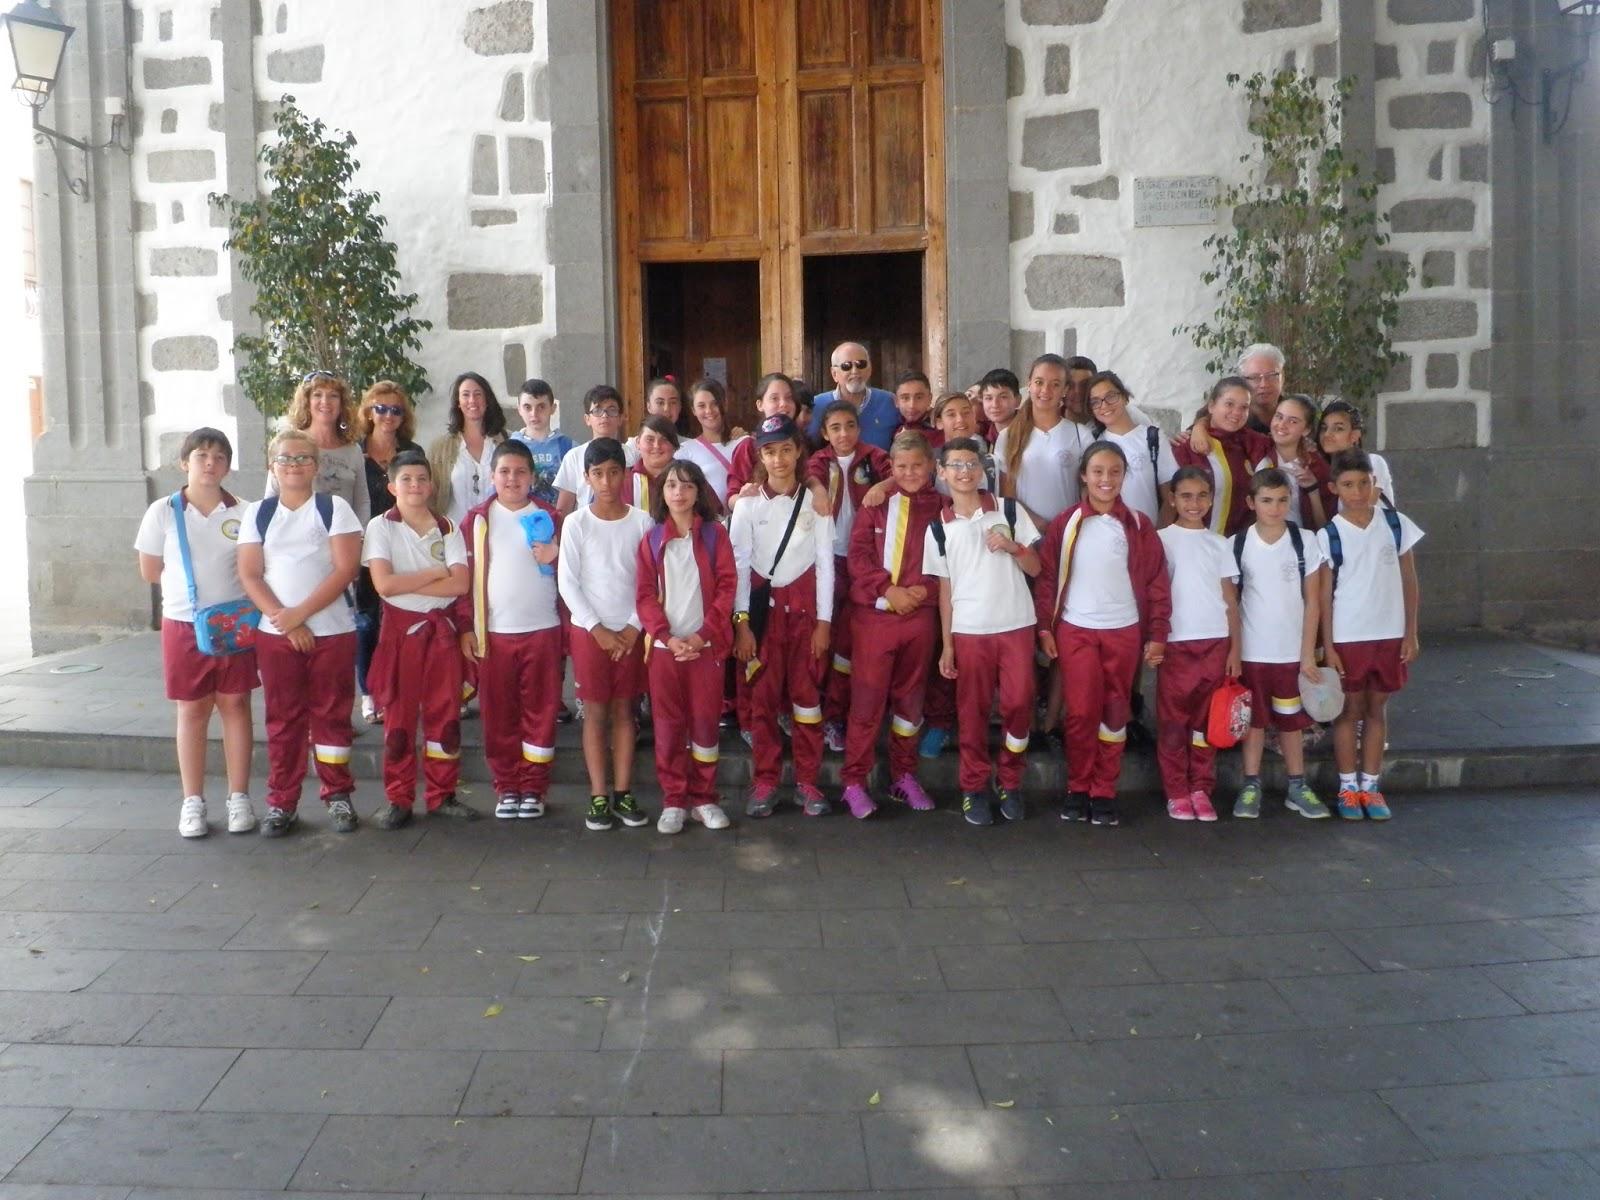 El blog de joaqu n nieto en valsequillo con el ceip for Ceip ciudad jardin